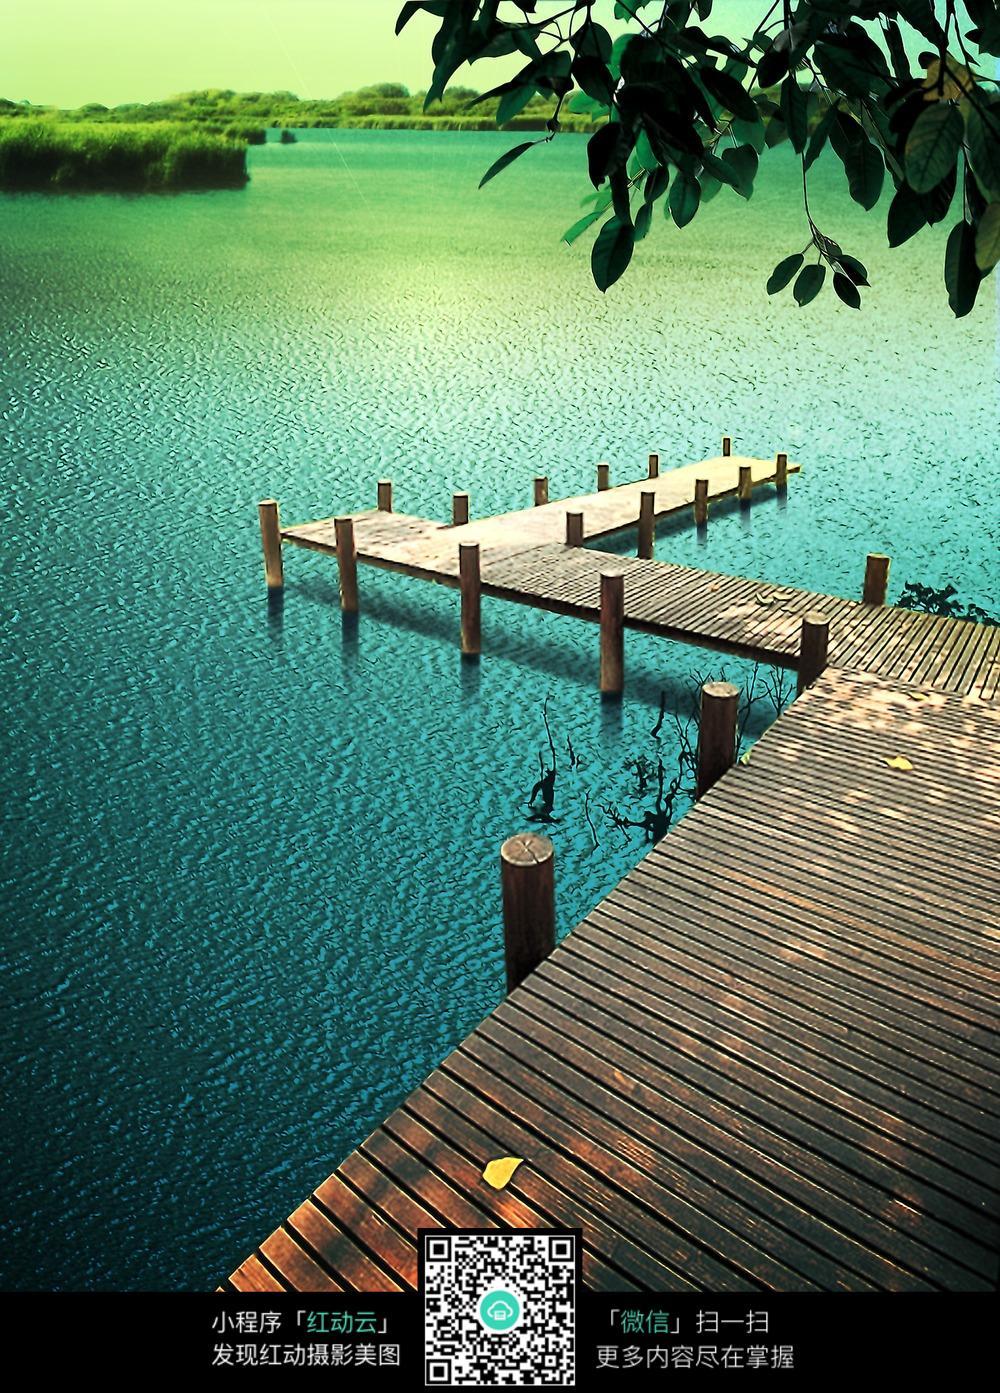 免费素材 图片素材 环境居住 园林景观 园林湖边的木栈道